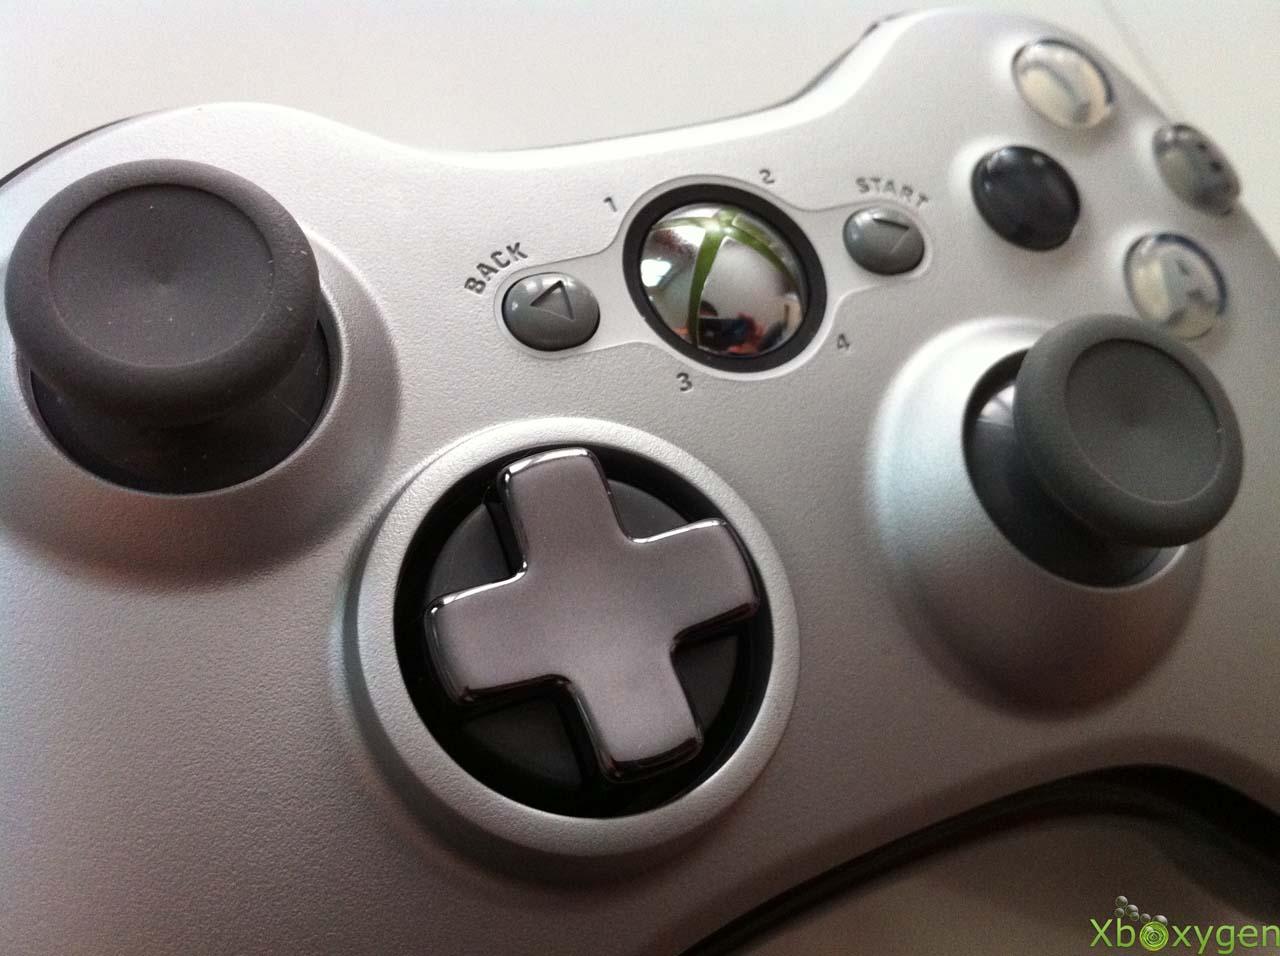 Prsentation De La Nouvelle Manette Xbox 360 Xbox One Xboxygen